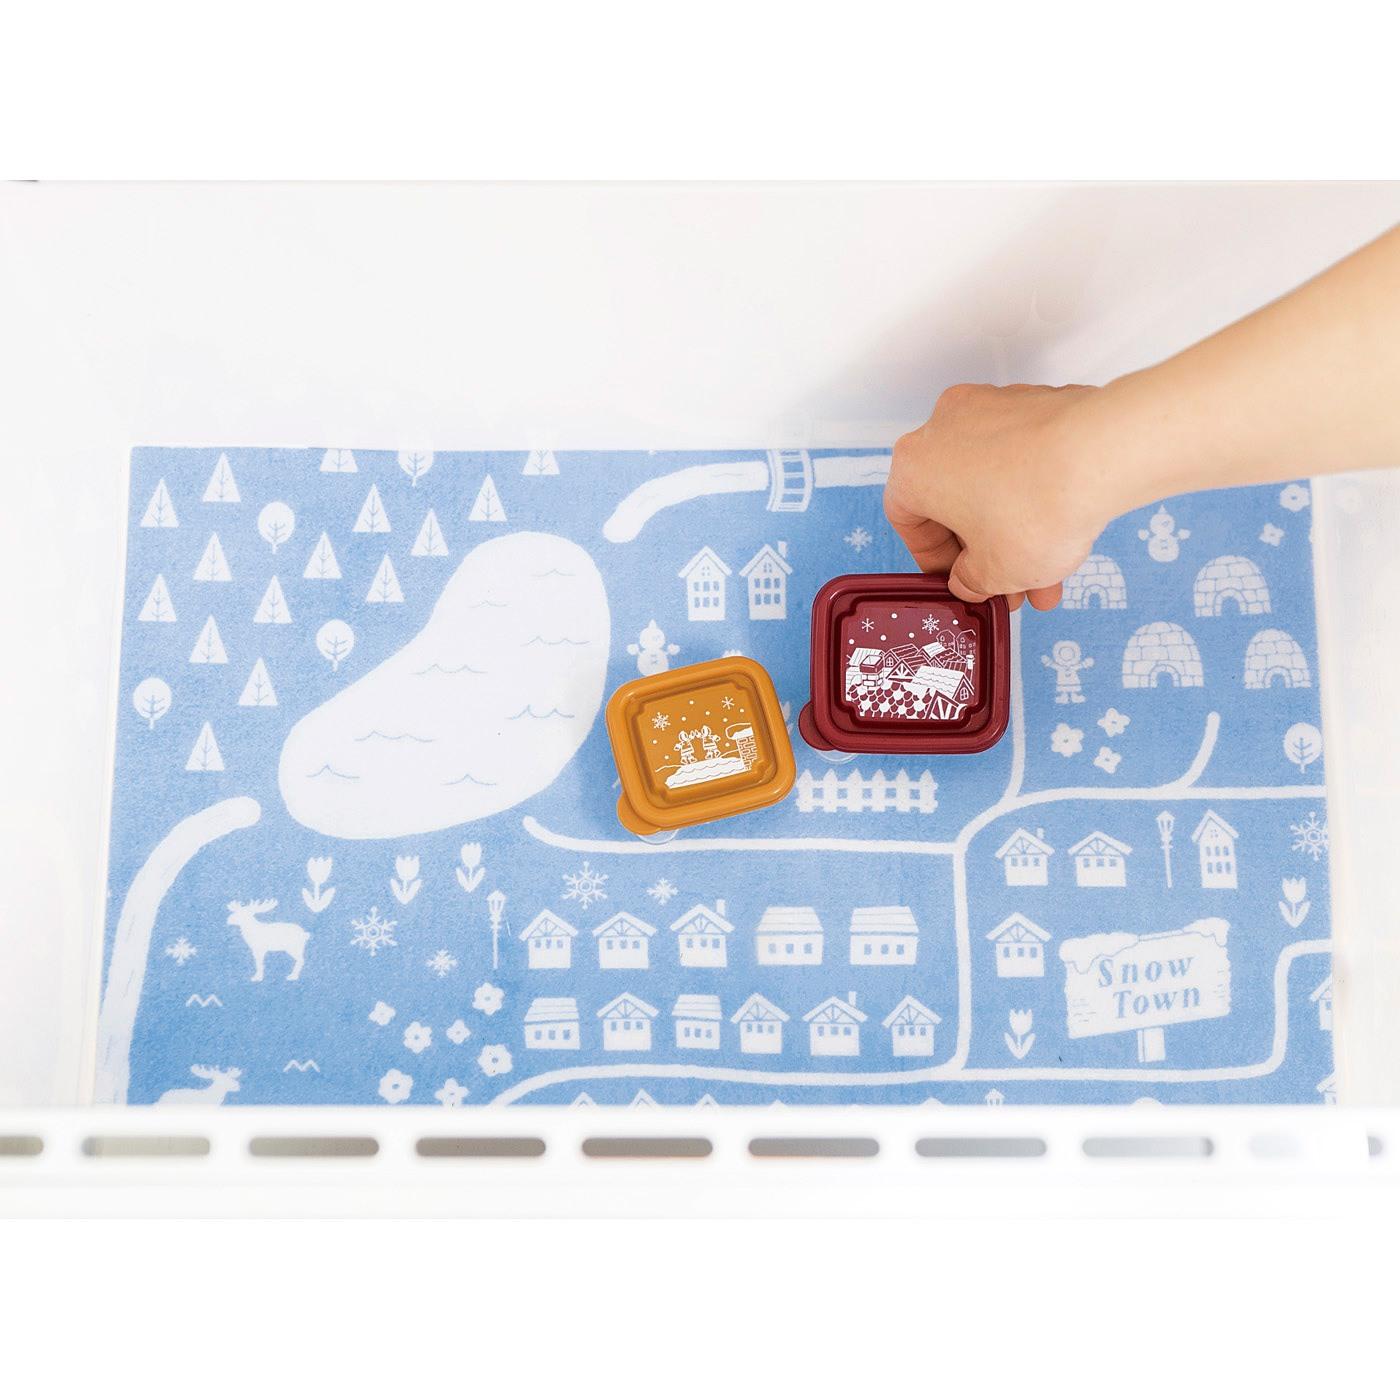 冷凍庫マット スノータウンの地図をイメージしたデザインがキュート!冷凍庫の底に敷いて、汚れたらさっと洗えてお手入れらくちん♪